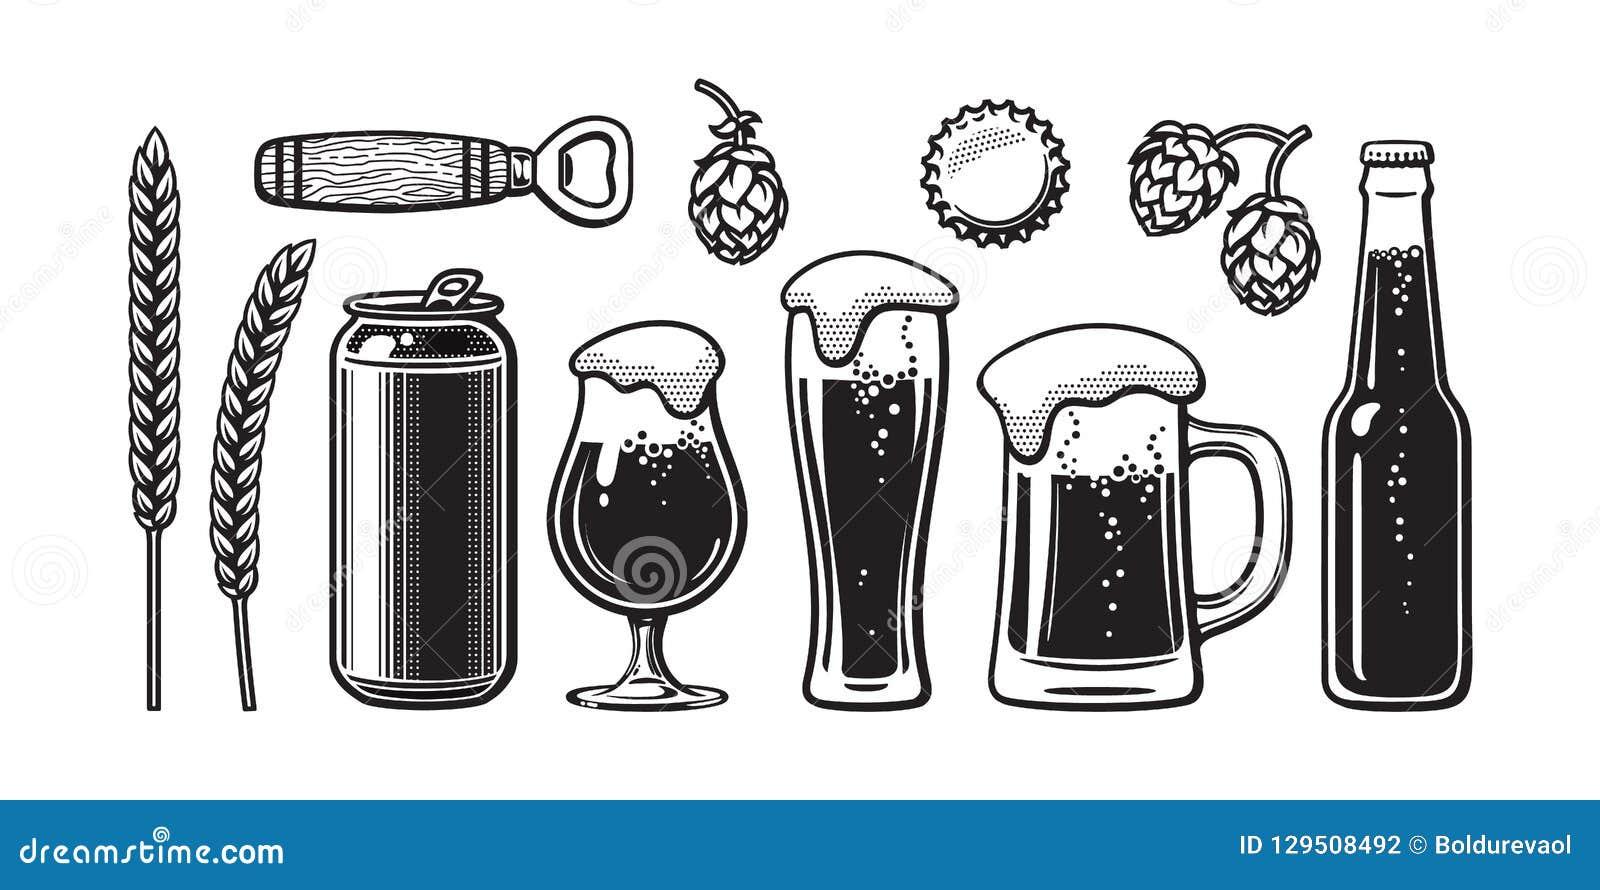 Εκλεκτής ποιότητας σύνολο μπύρας Το κριθάρι, σίτος, μπορεί, γυαλί, κούπα, μπουκάλι, ανοιχτήρι, λυκίσκος, ΚΑΠ μπουκαλιών επίσης co